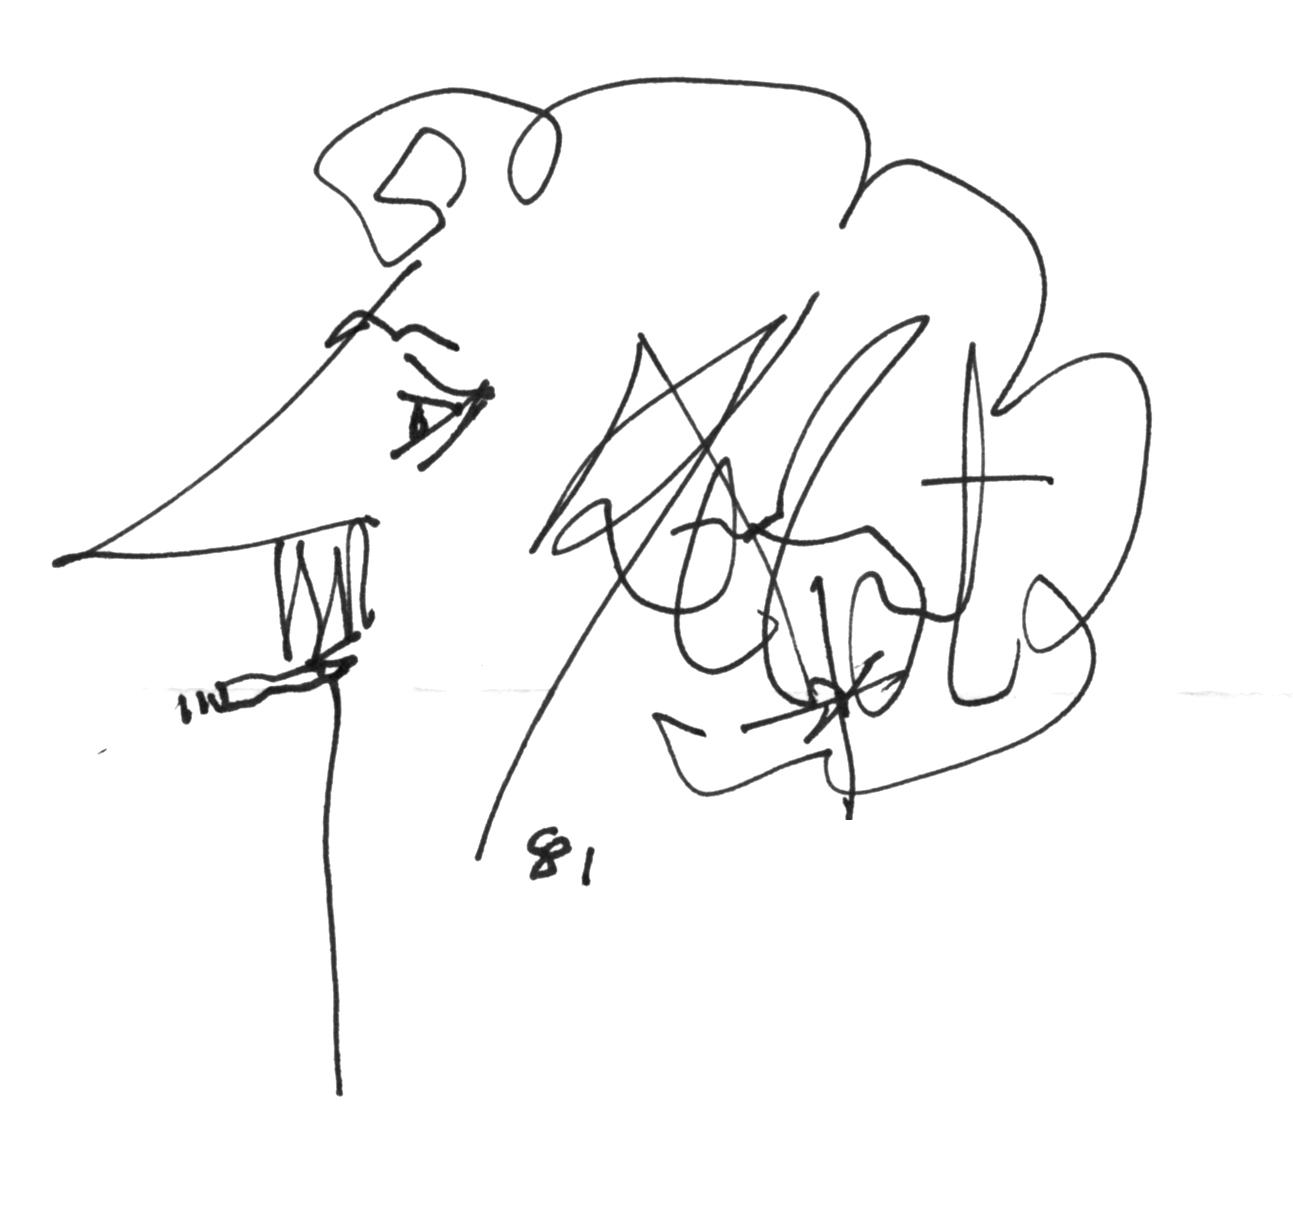 vonnegut-drawing.jpg